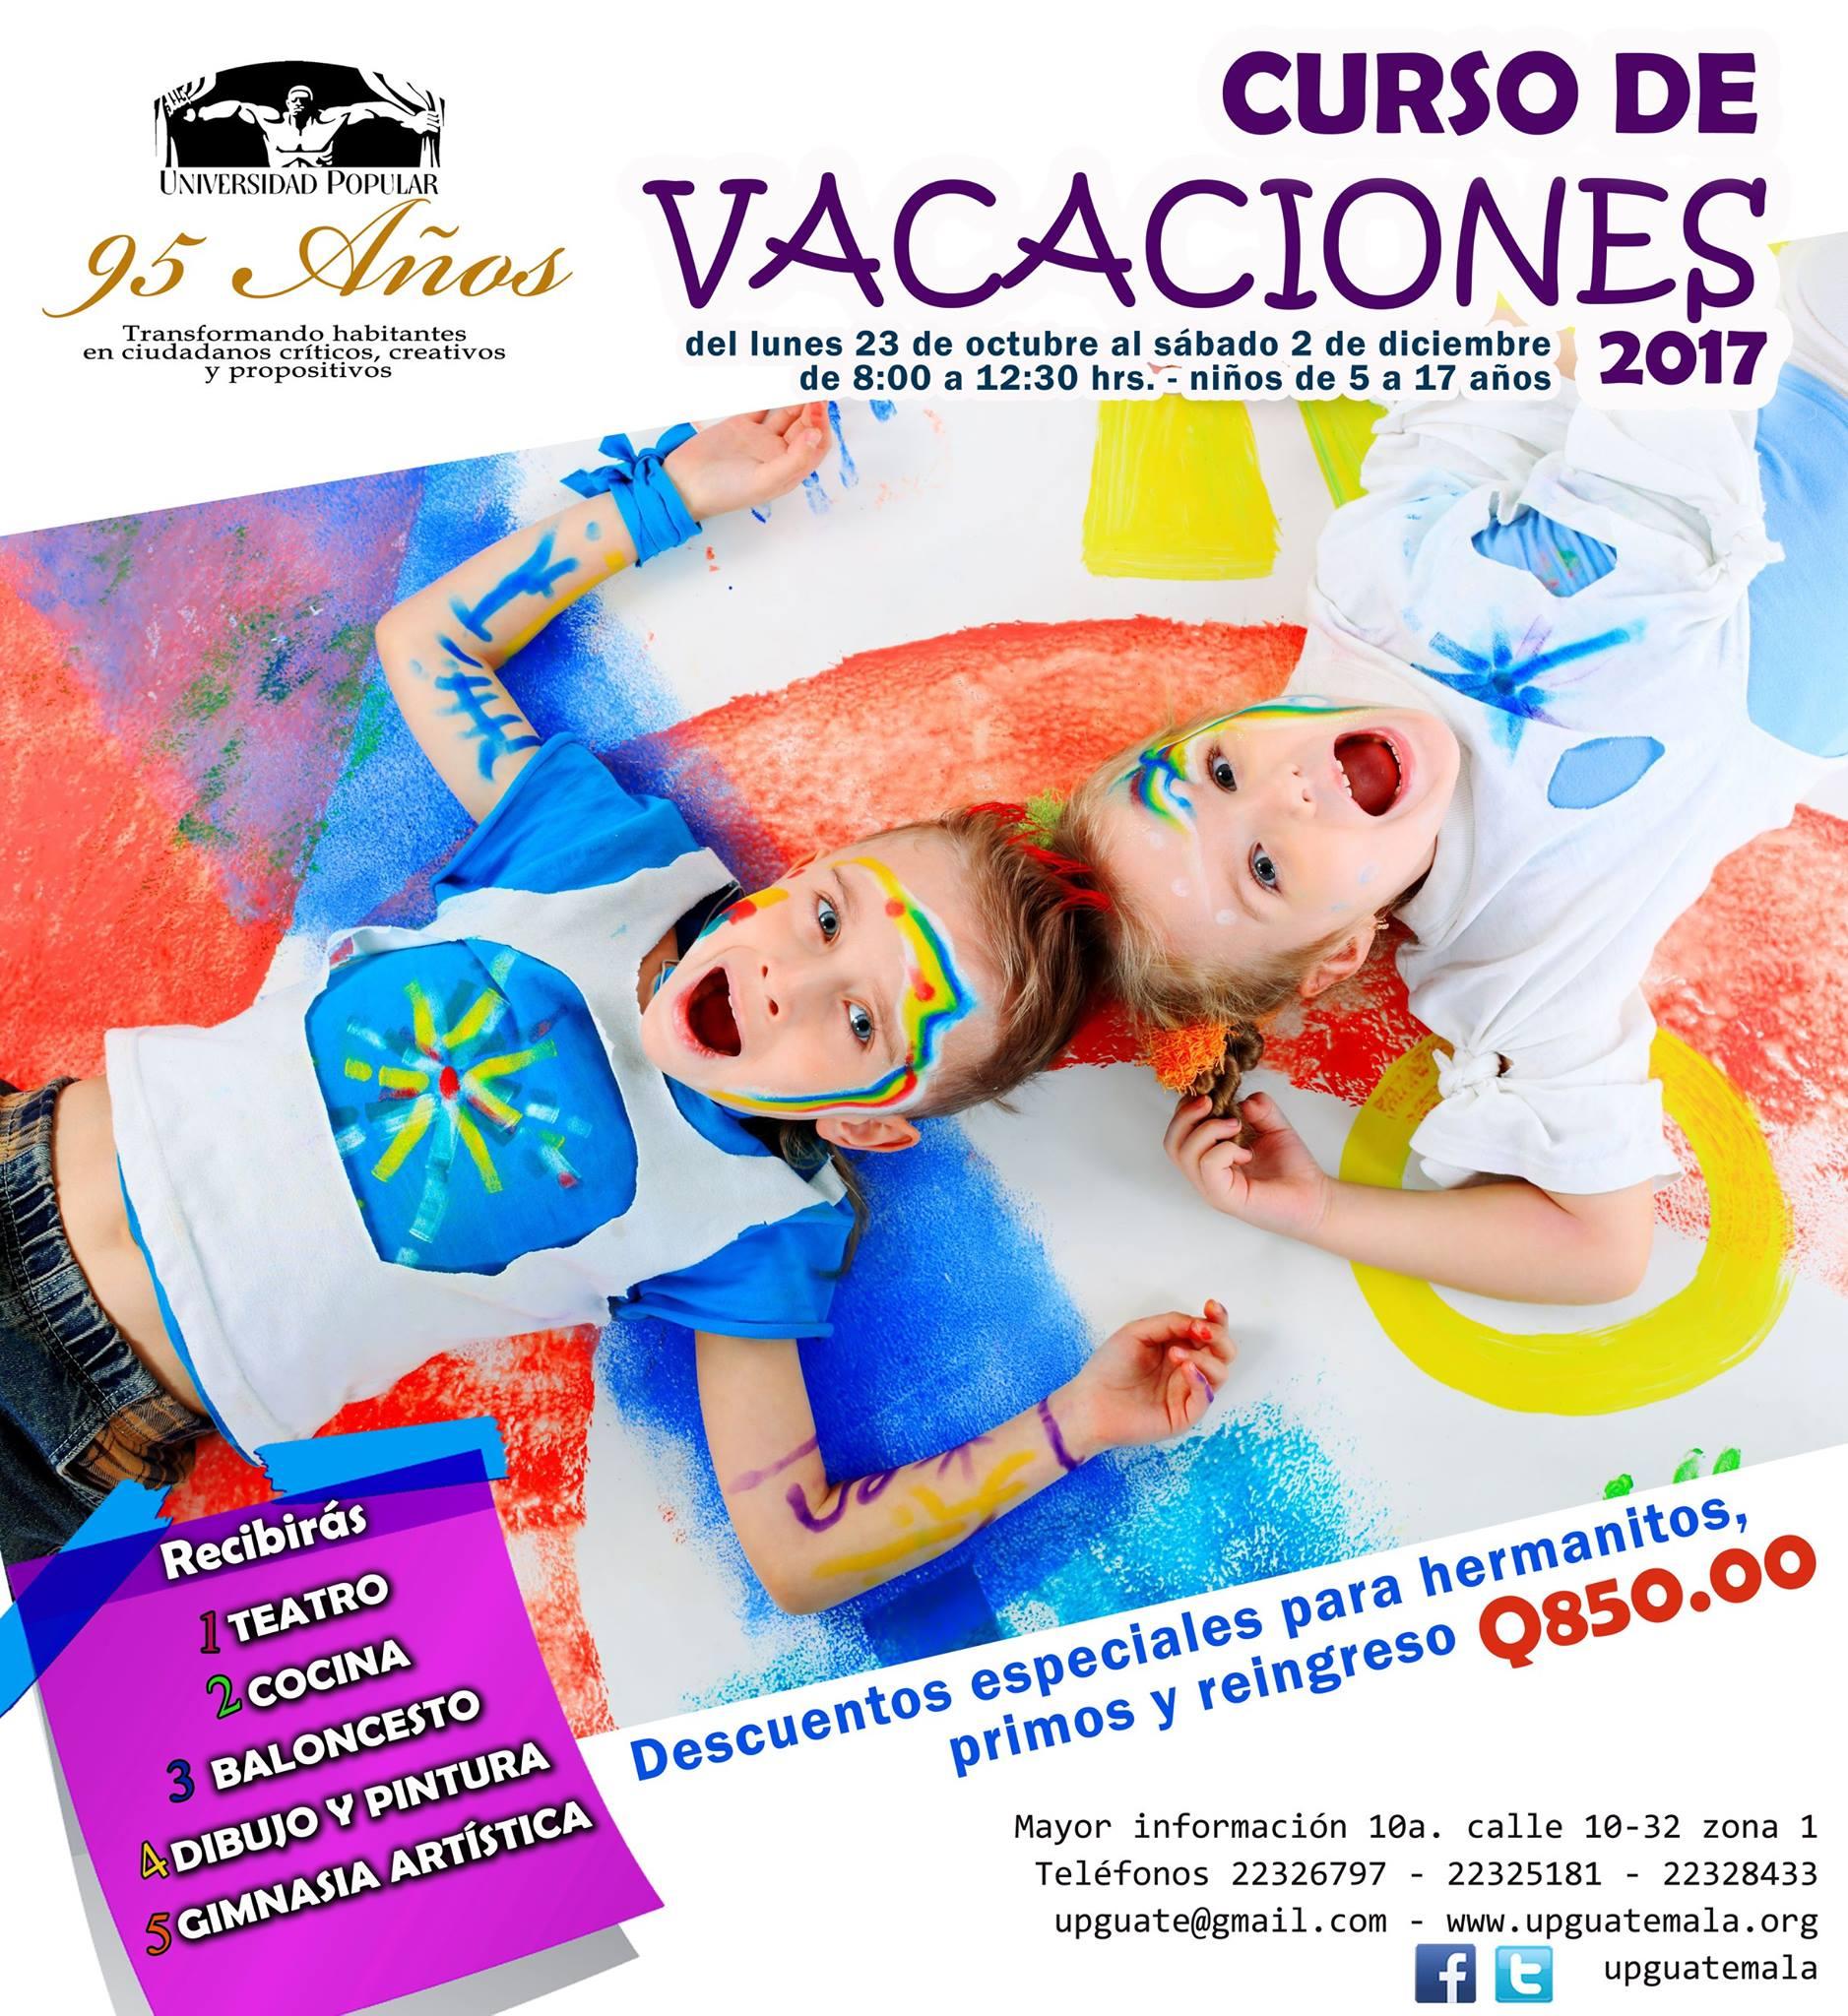 Cursos de vacaciones para ni os en ciudad de guatemala for Clases de piscina para ninos